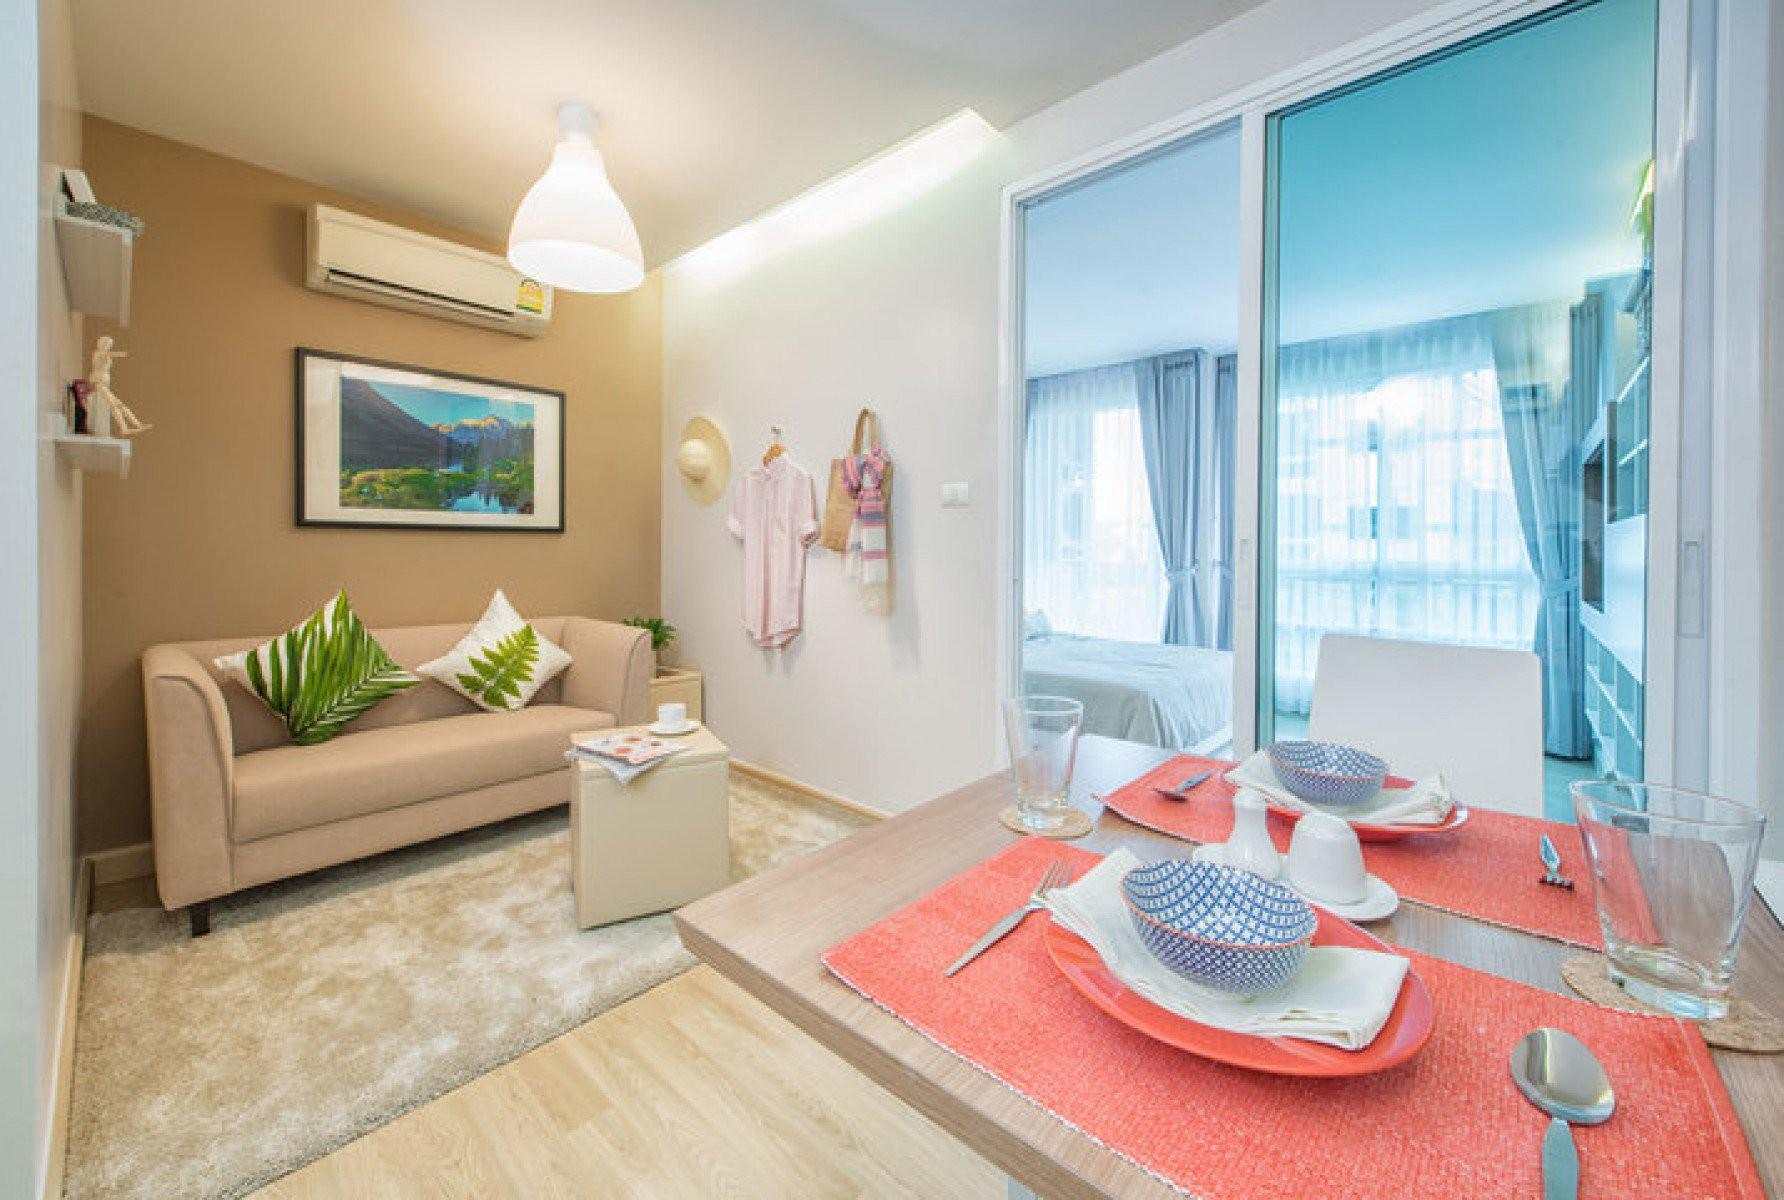 เอมเมอรัลด์ เรสซิเด้นซ์ - 1 ห้องนอน ห้องใหม่มือหนึ่ง - เช่า 11,000 บาท - ขาย 3 ล้านบาท